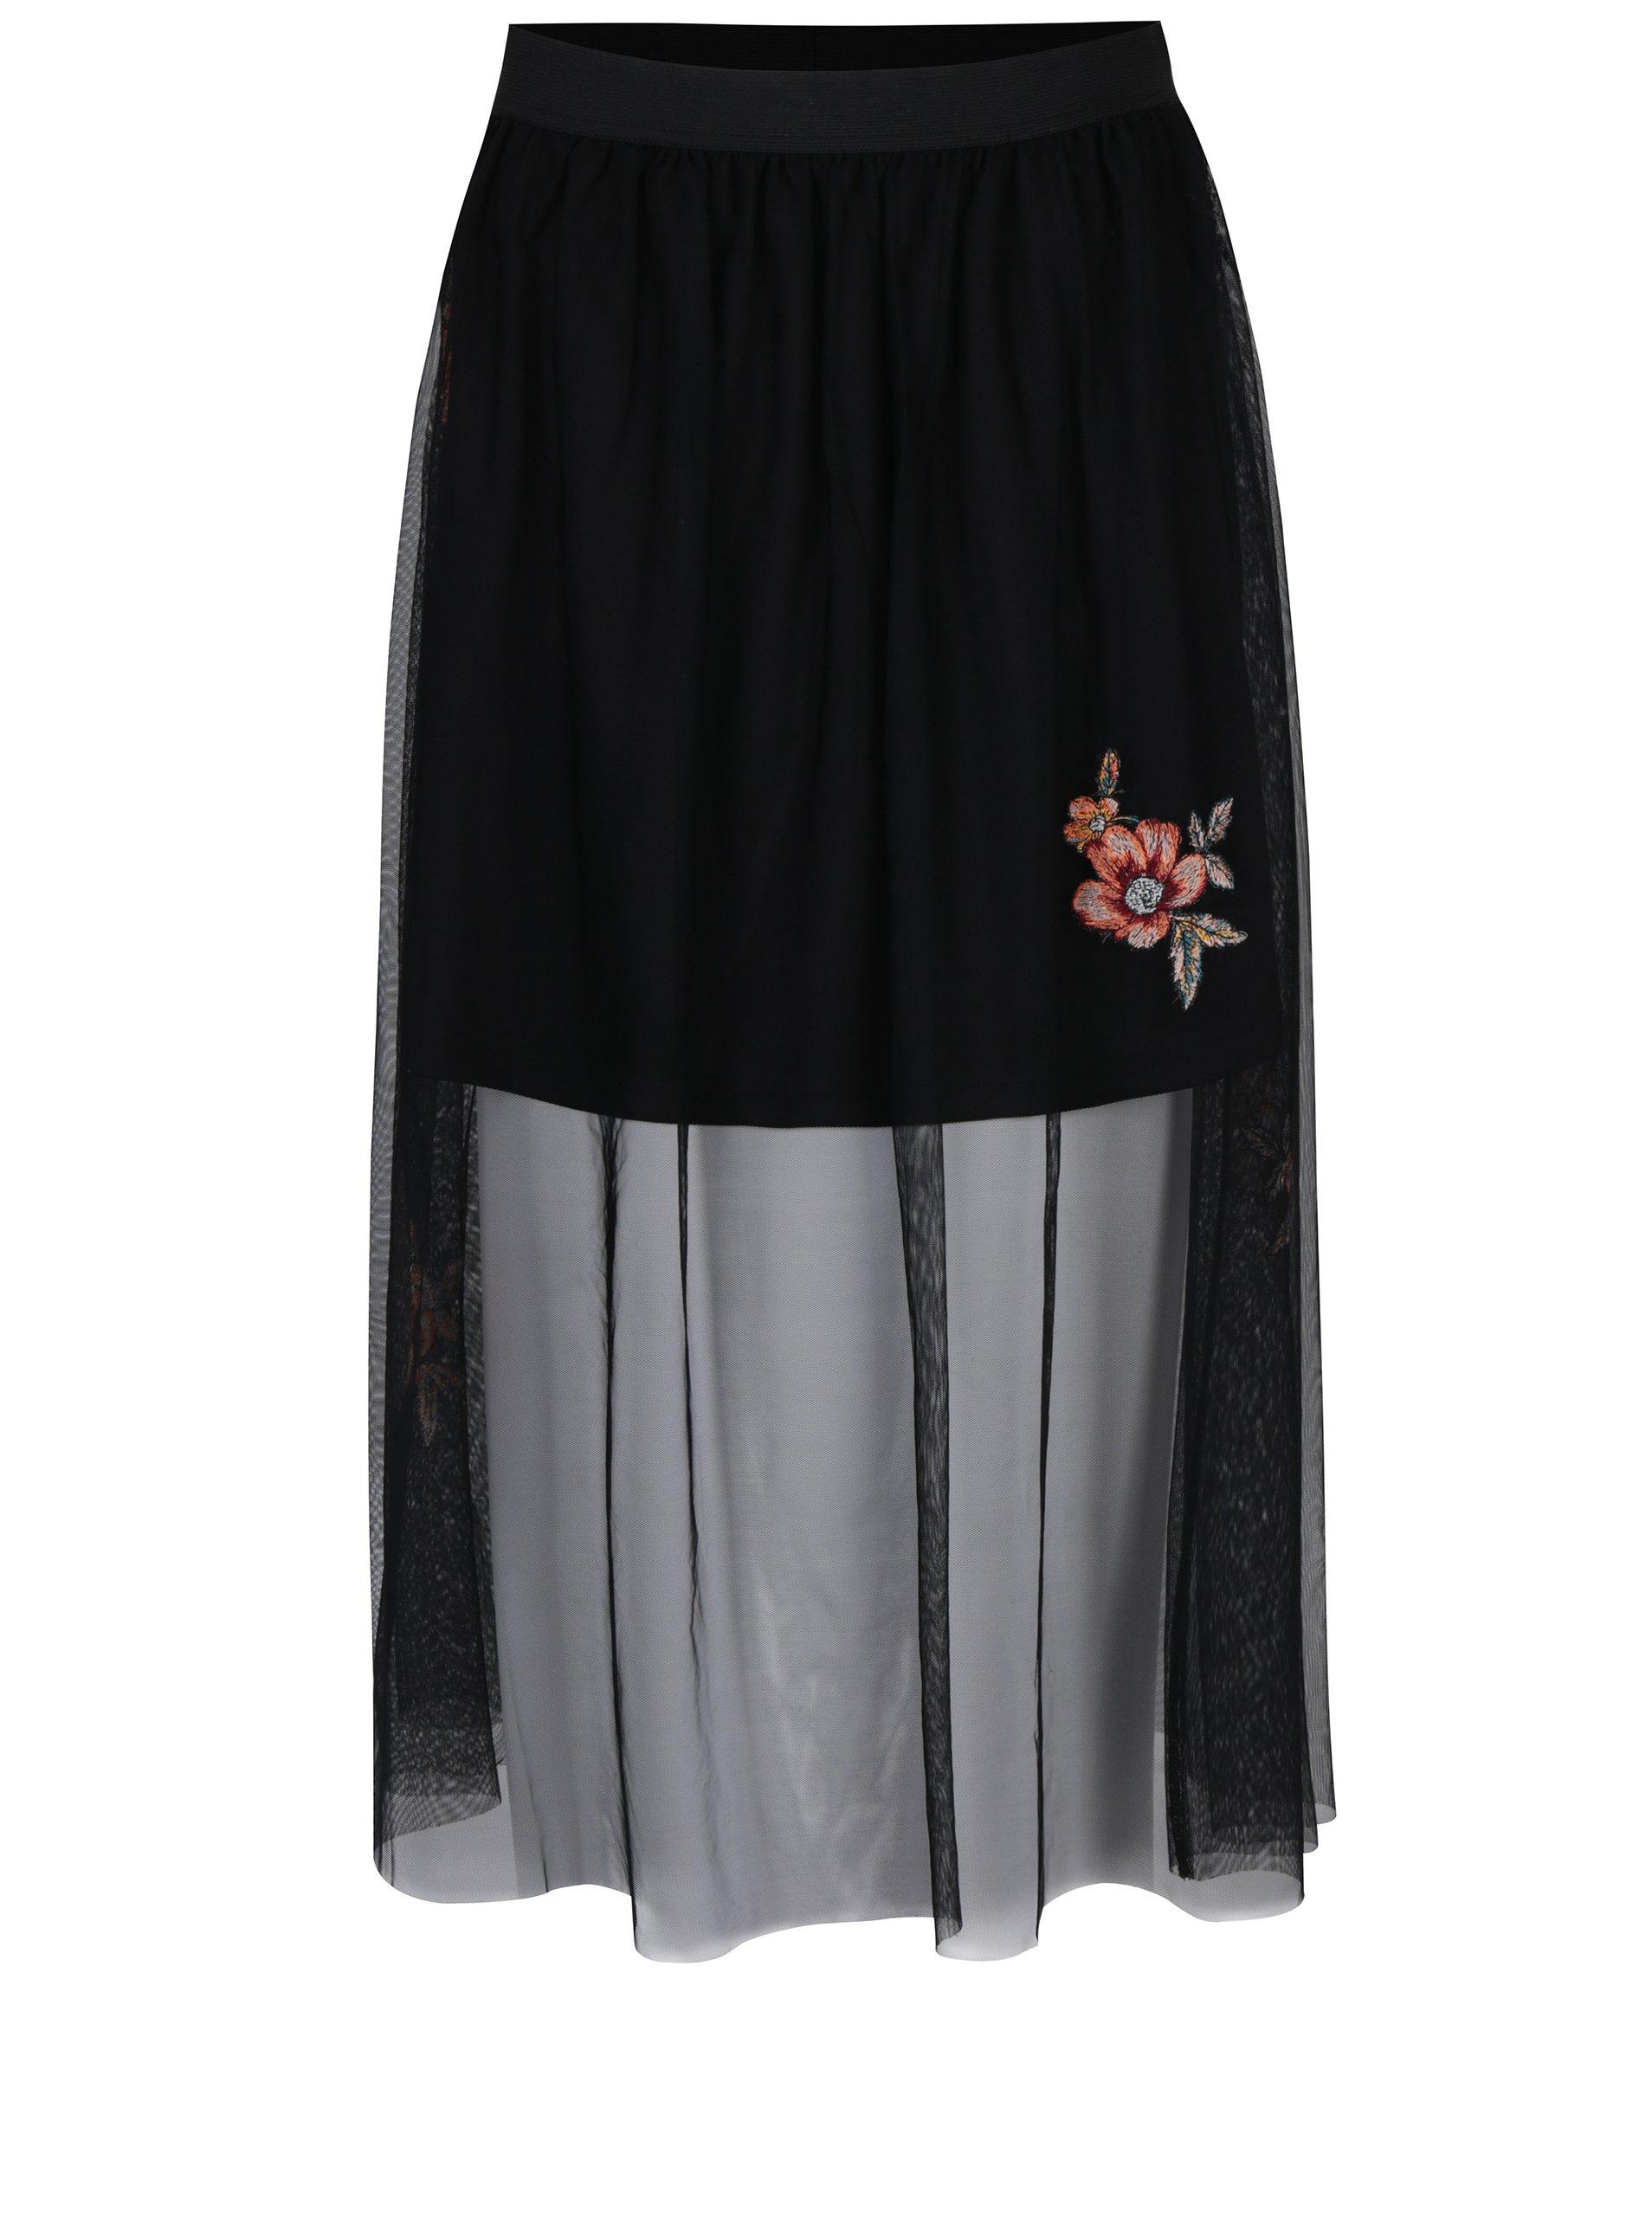 Černá tylová sukně s nášivkami květů ONLY Mary